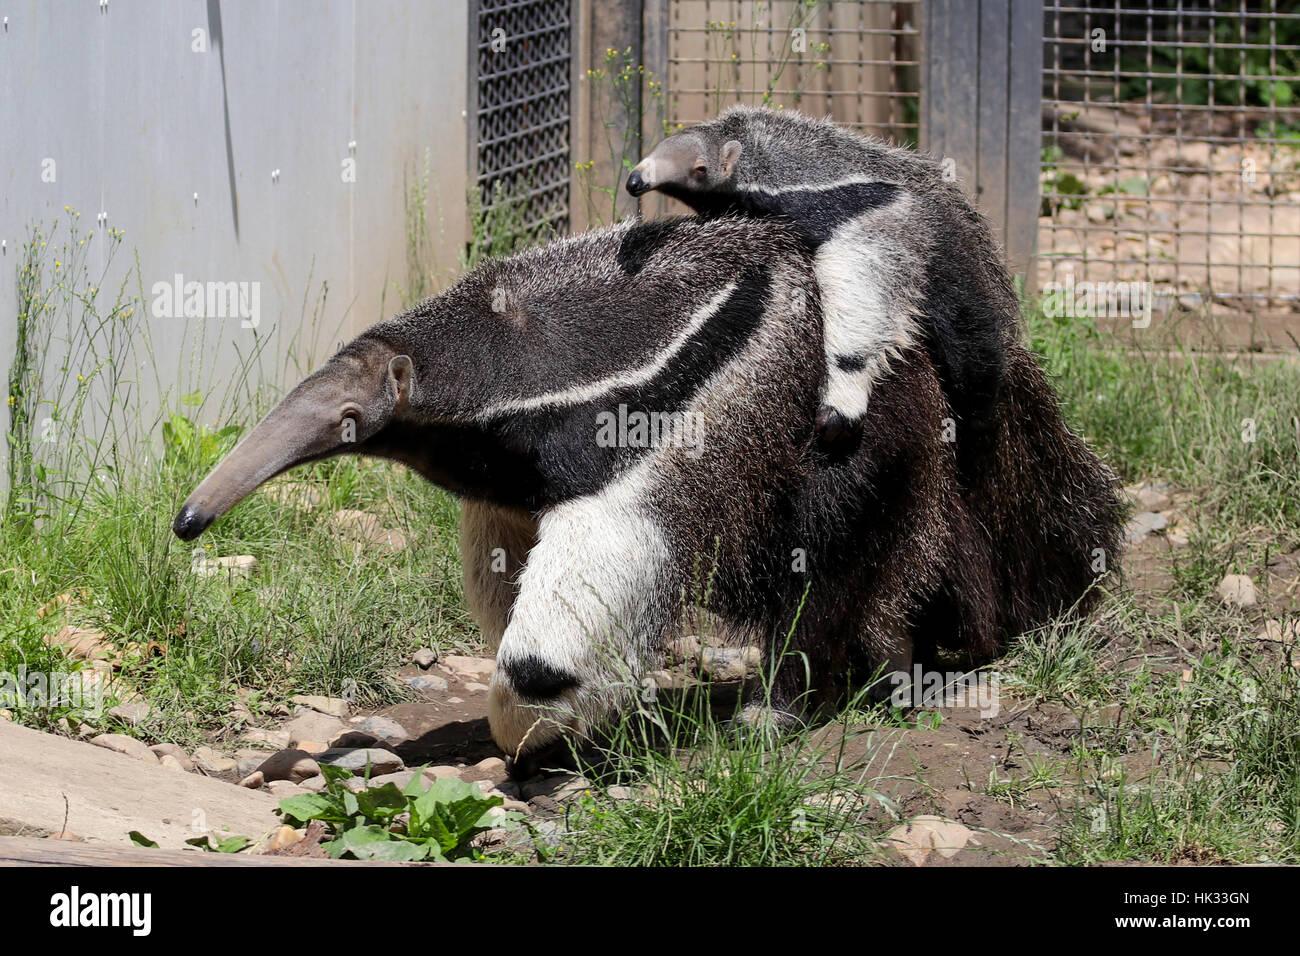 Stock Photo - Oso hormiguero gigante que llevaba a un bebé en la espalda para buscar comida (Myrmecophaga tridactyla) Imagen De Stock